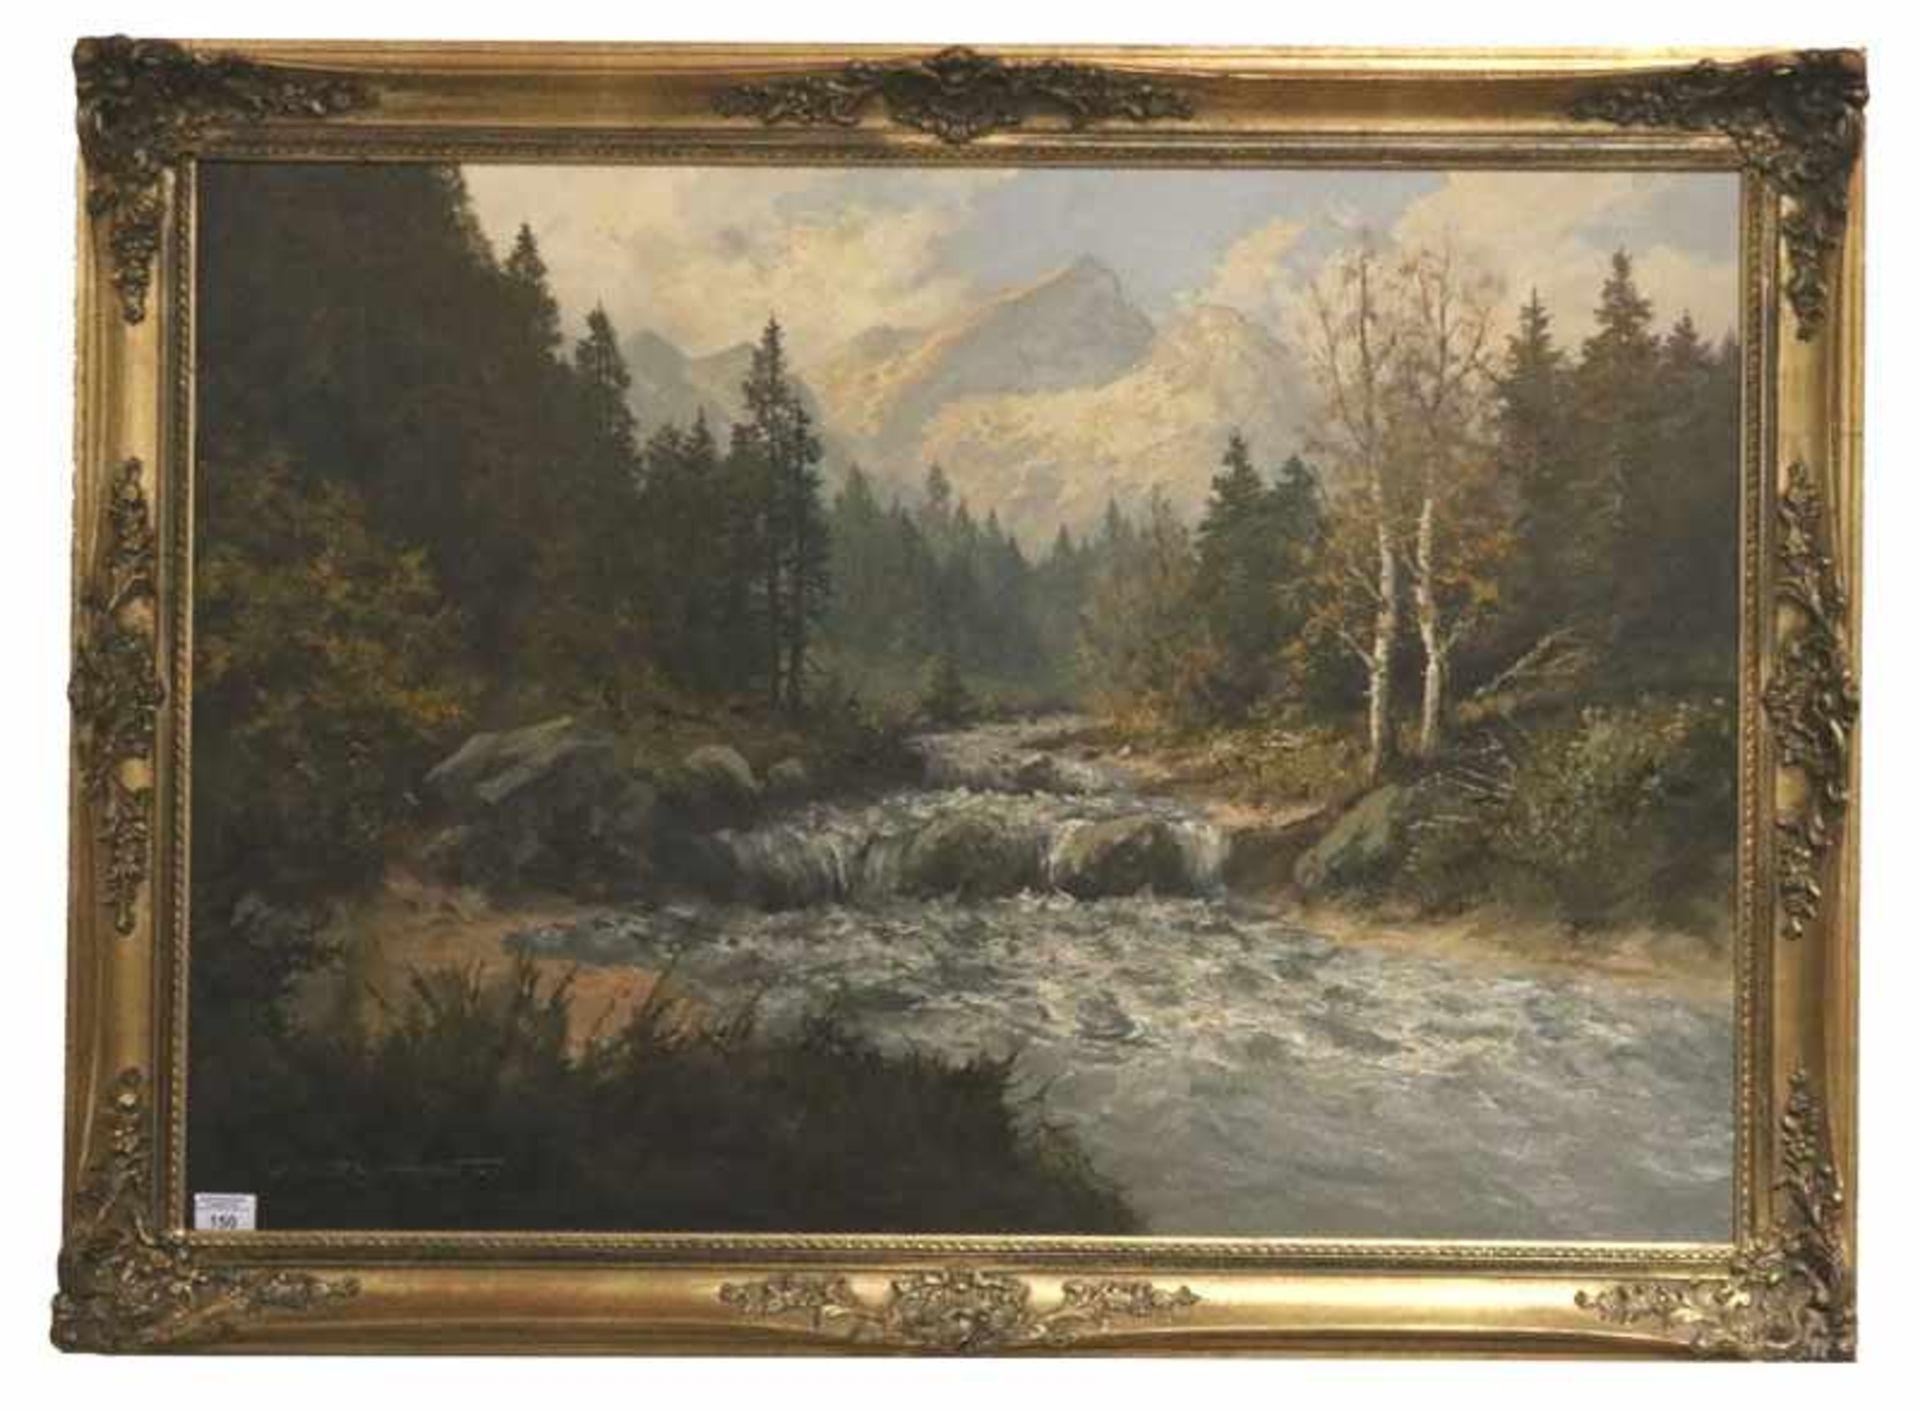 Los 150 - Gemälde ÖL/LW 'Loisach mit Blick zur Alpspitze', signiert J. H. Thomas, * 1922 Dresden, Ausbildung